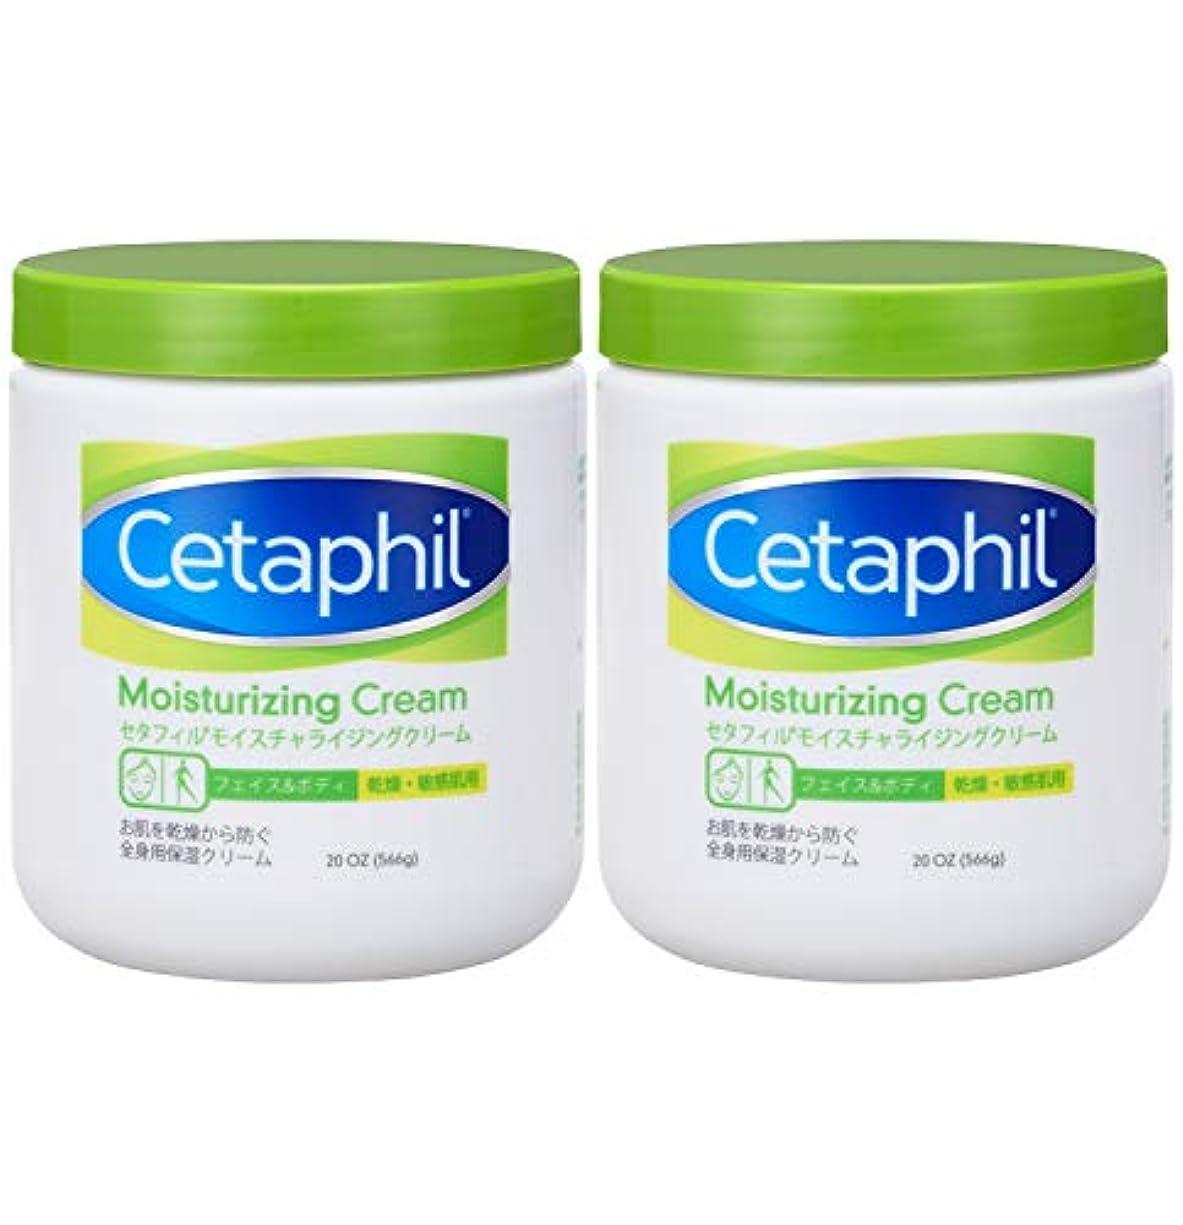 パッド抑制ほかにセタフィル Cetaphil ® モイスチャライジングクリーム 566ml 2本組 ( フェイス & ボディ 保湿クリーム クリーム )